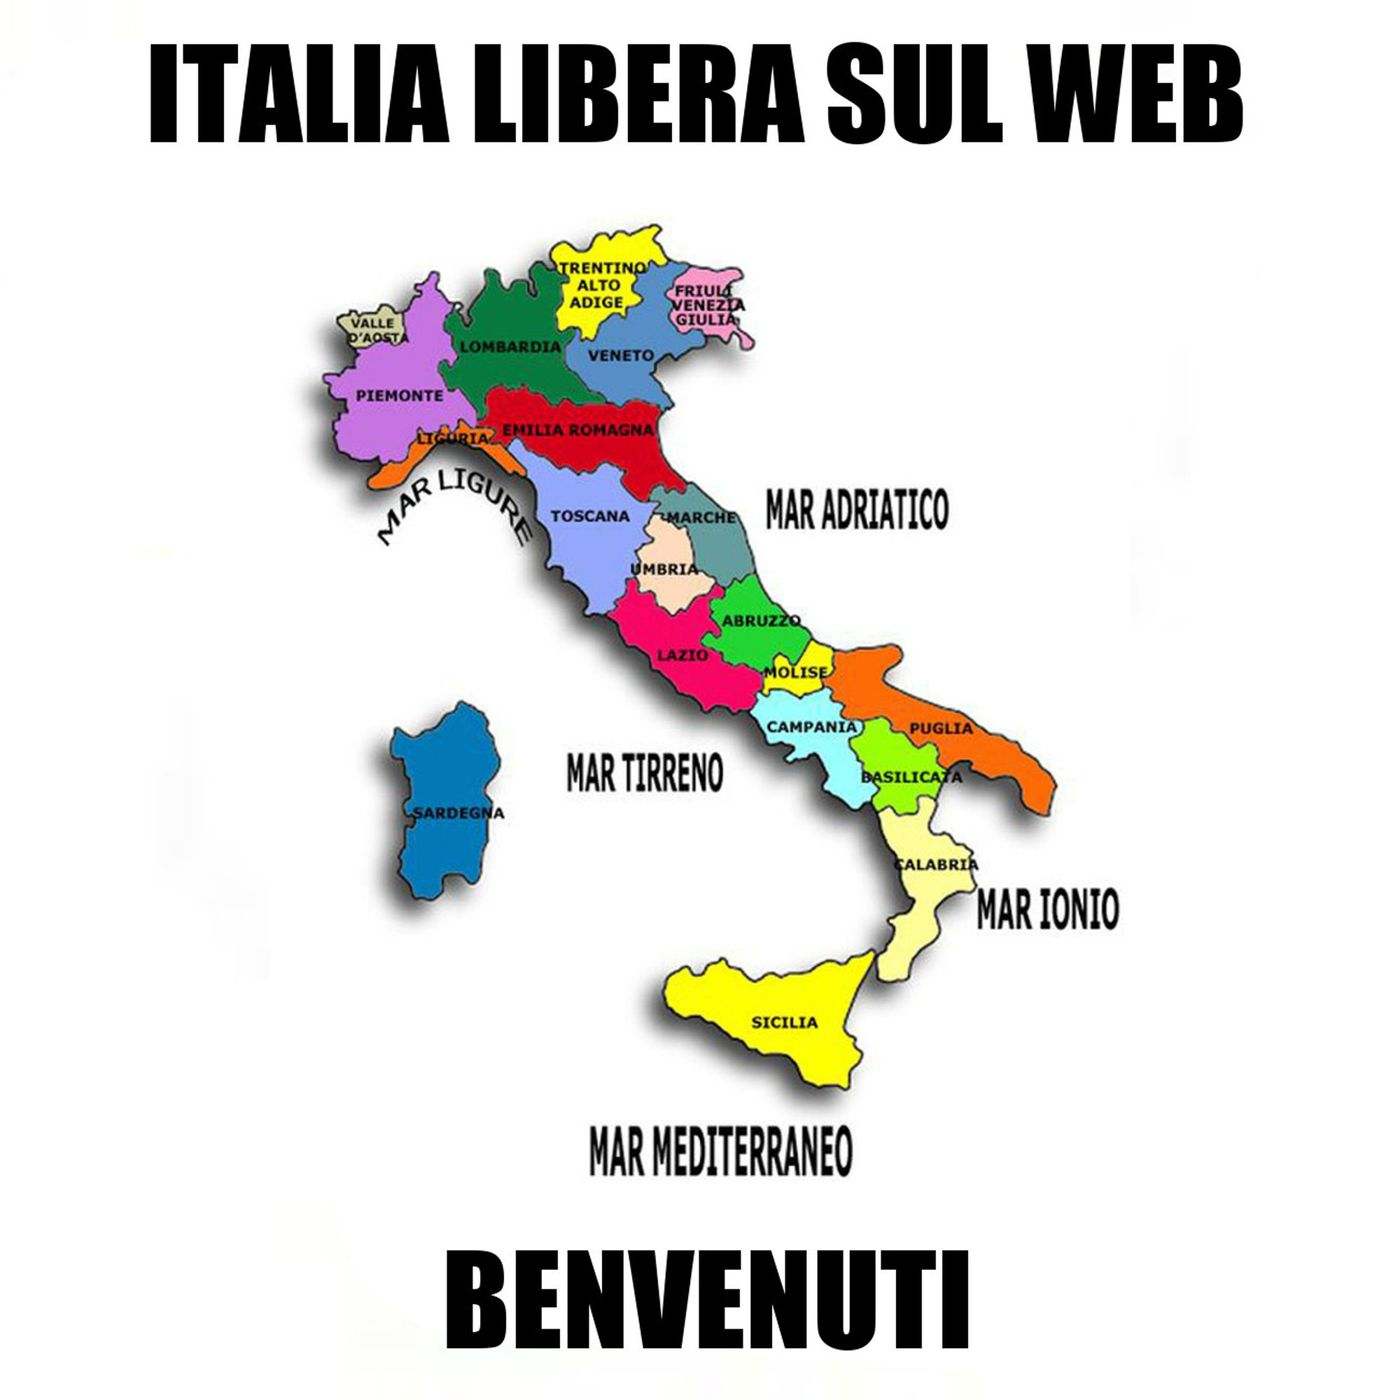 ITALIA LIBERA SUL WEB